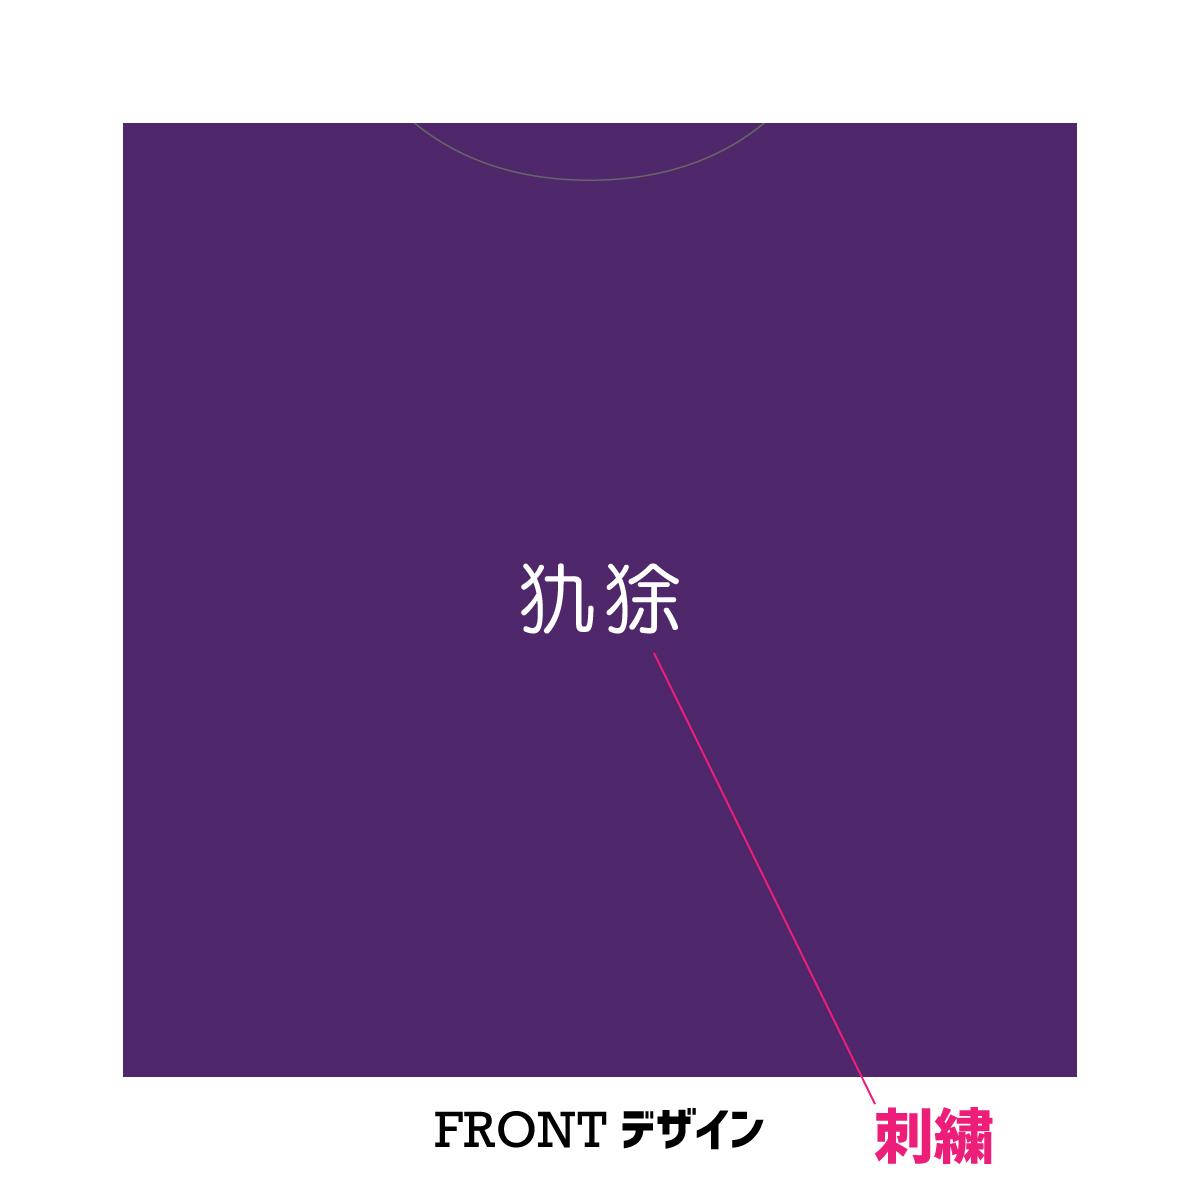 【通常】桜庭大翔プロデュース「アルマジロTシャツ(パープル)」